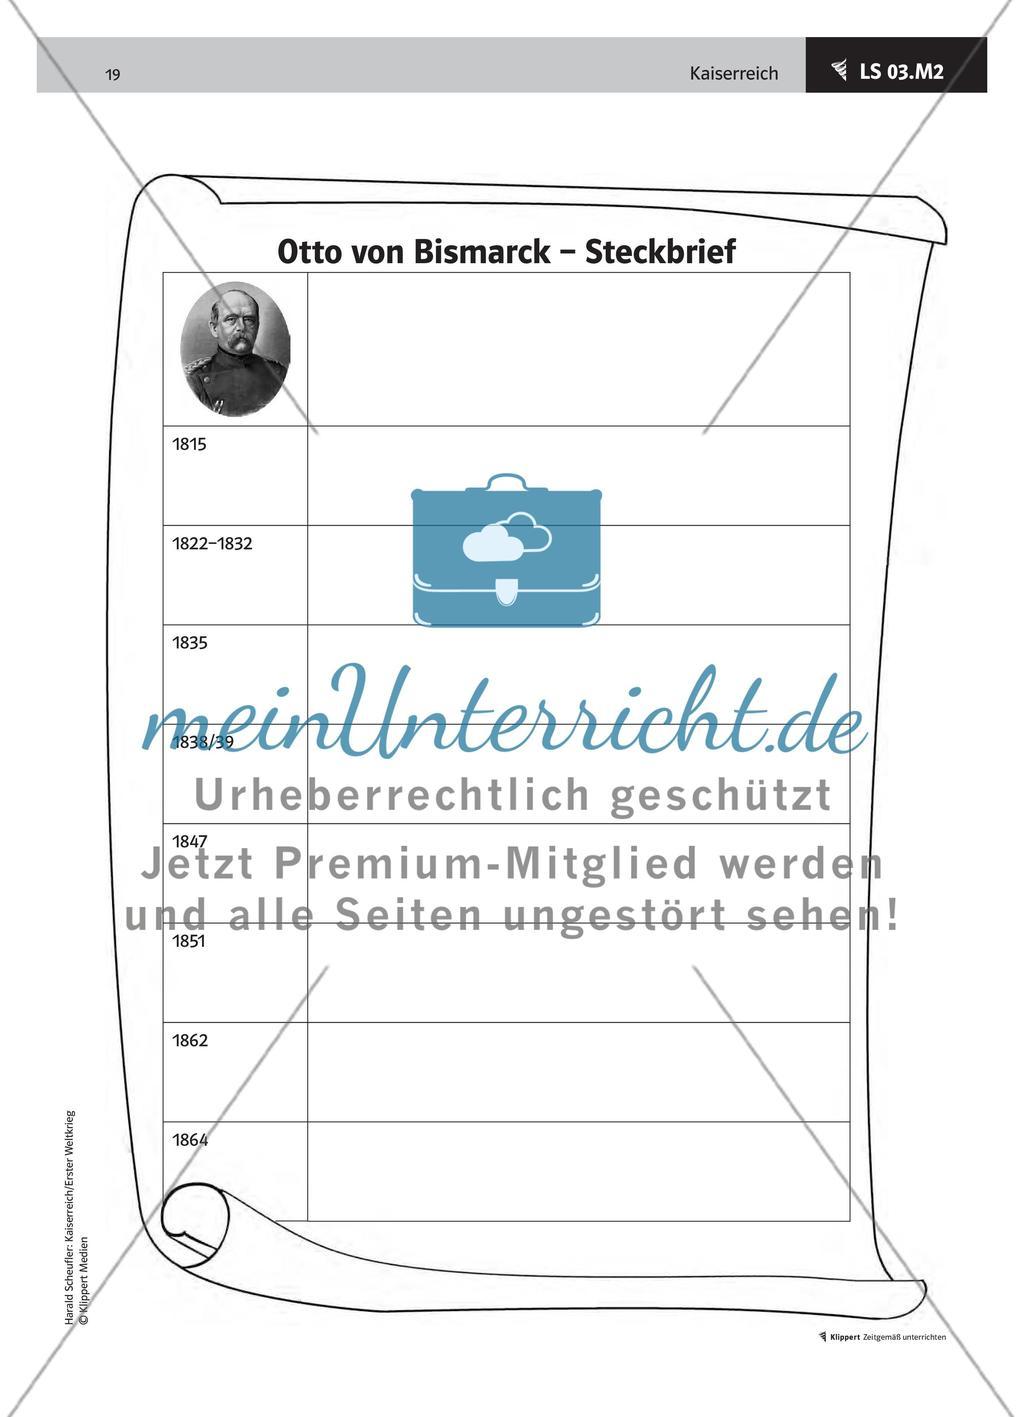 Lemo Biografie Biografie Otto Von Bismarck 5